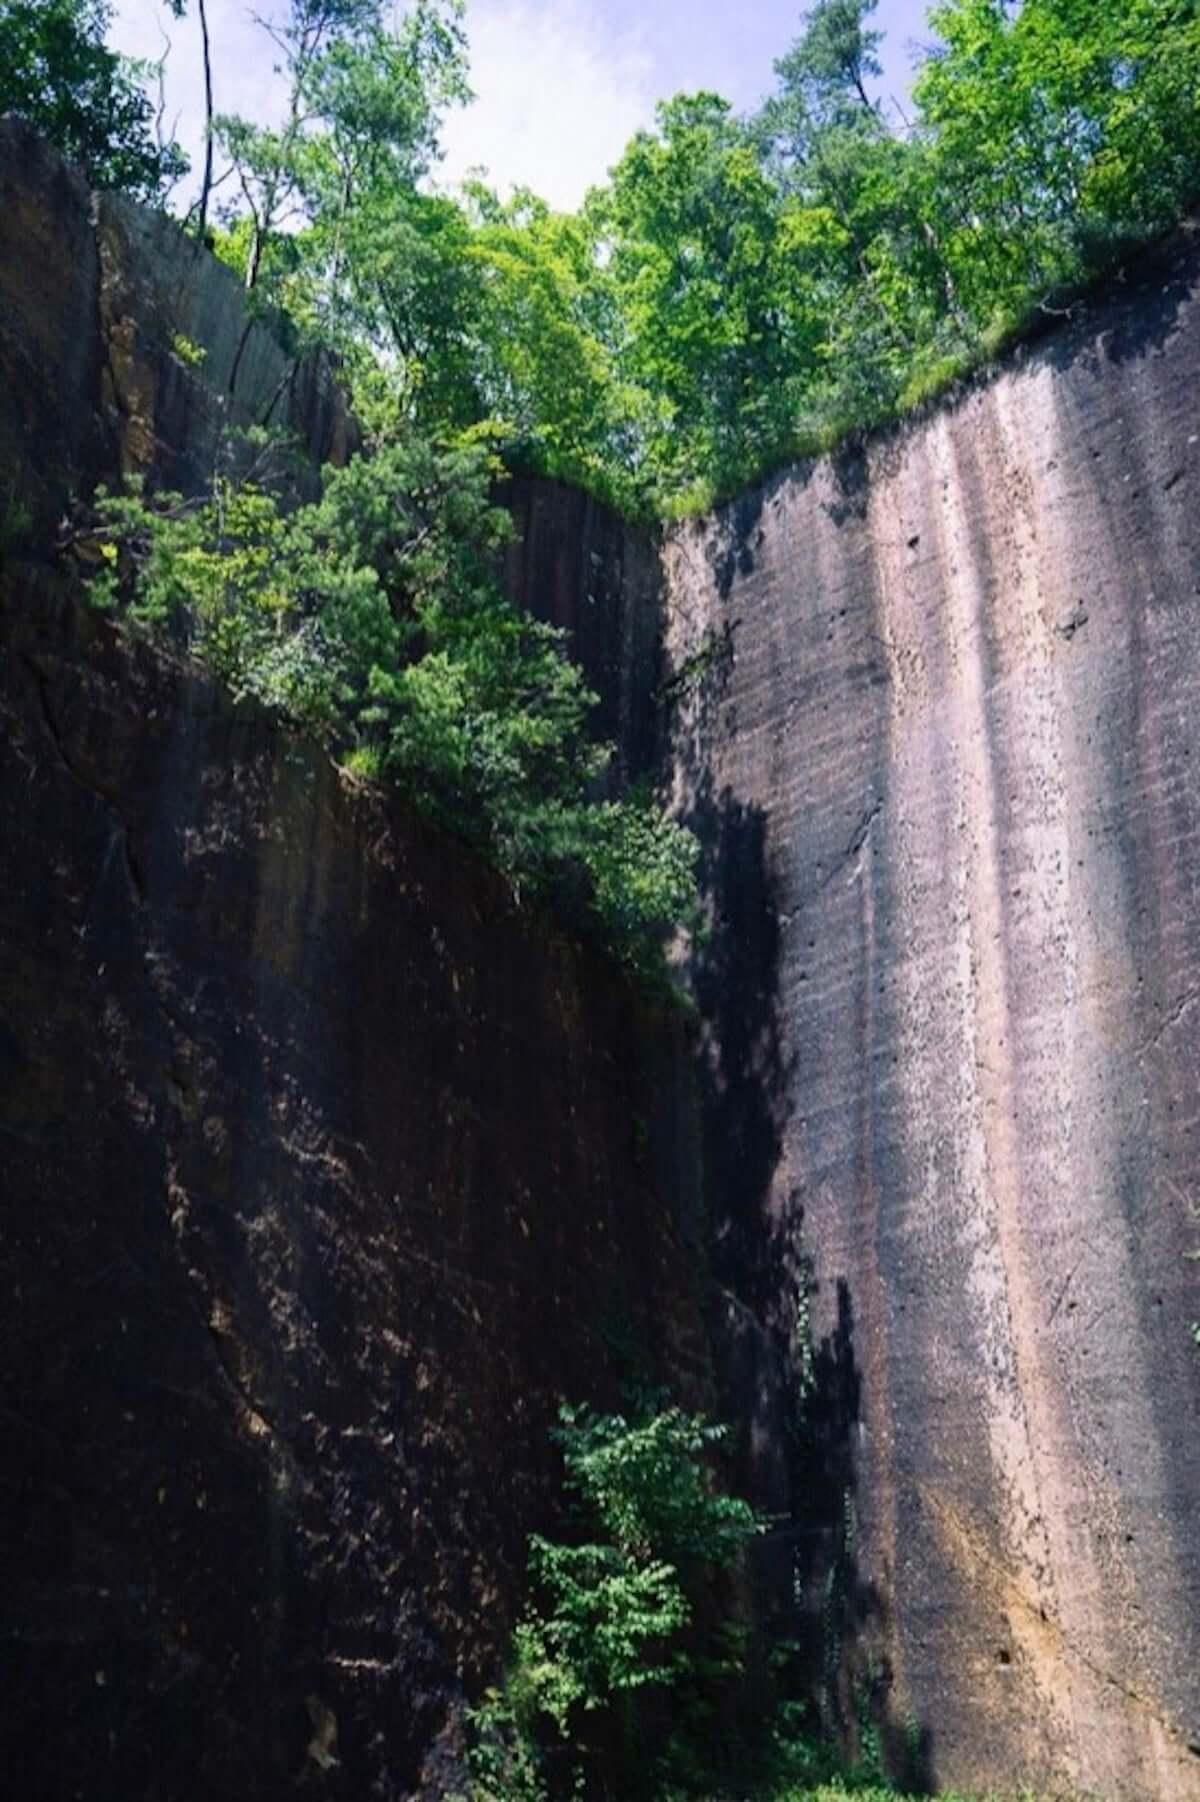 高さ50mの絶壁で新野外フェス|Licaxxx、mabanua、Seiho、tomadらが<岩壁音楽祭>に出演決定 mu190226-ganpeki5-1200x1802